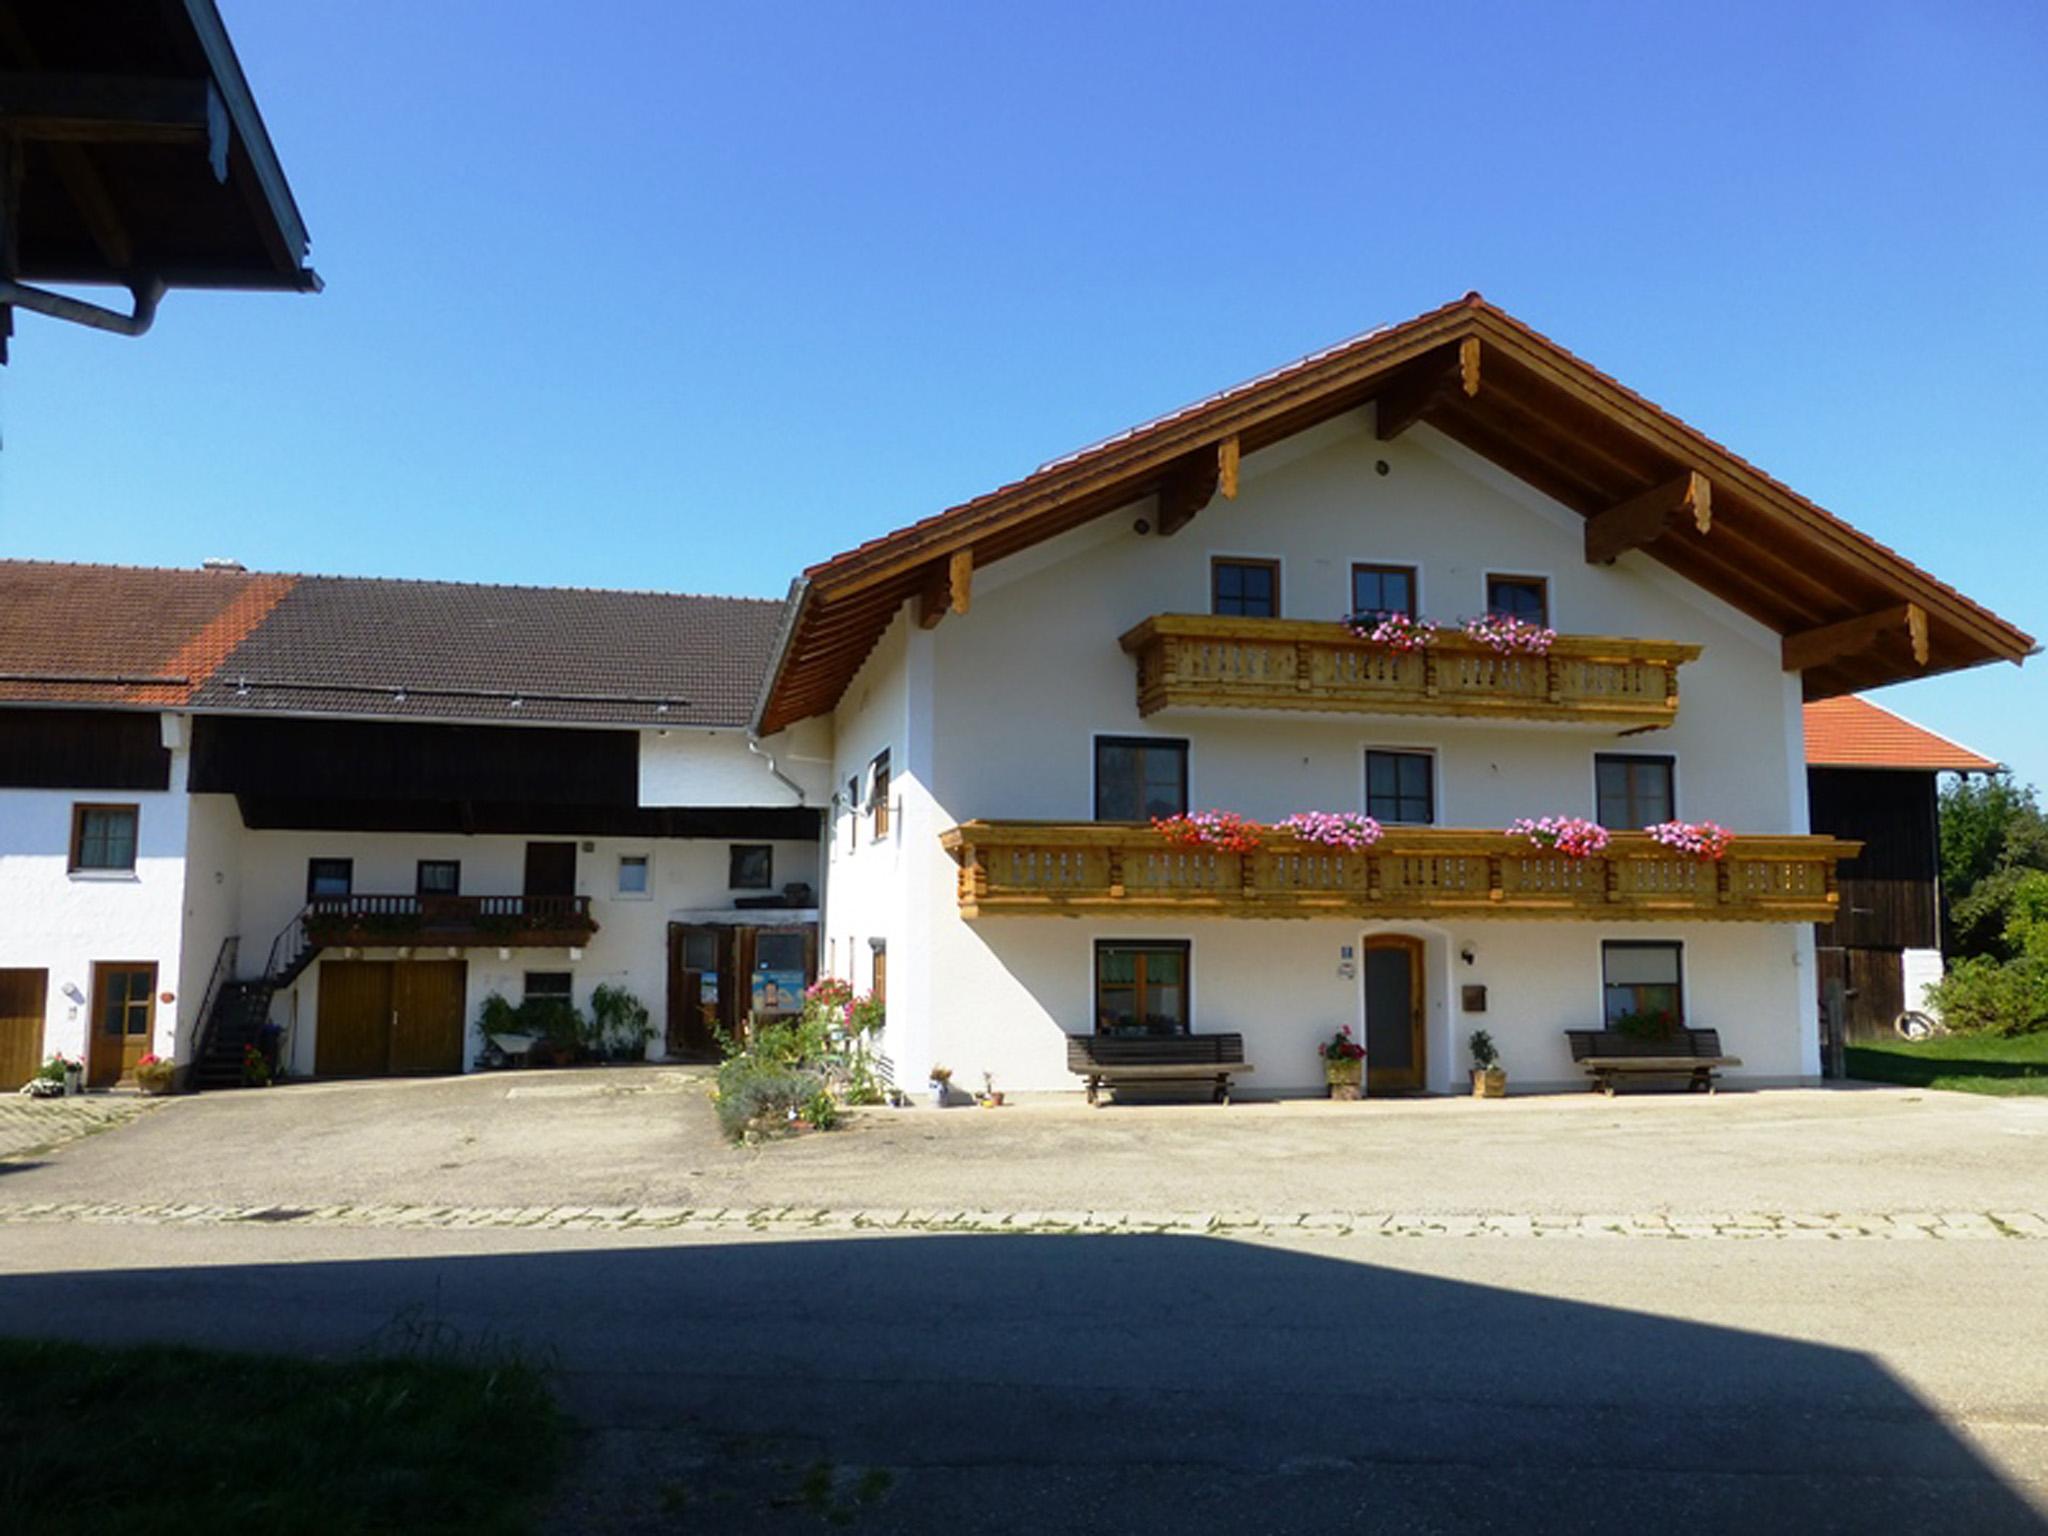 Ferienwohnung Bösch (DE Waging). Ferienwohnun Ferienwohnung  Oberbayern